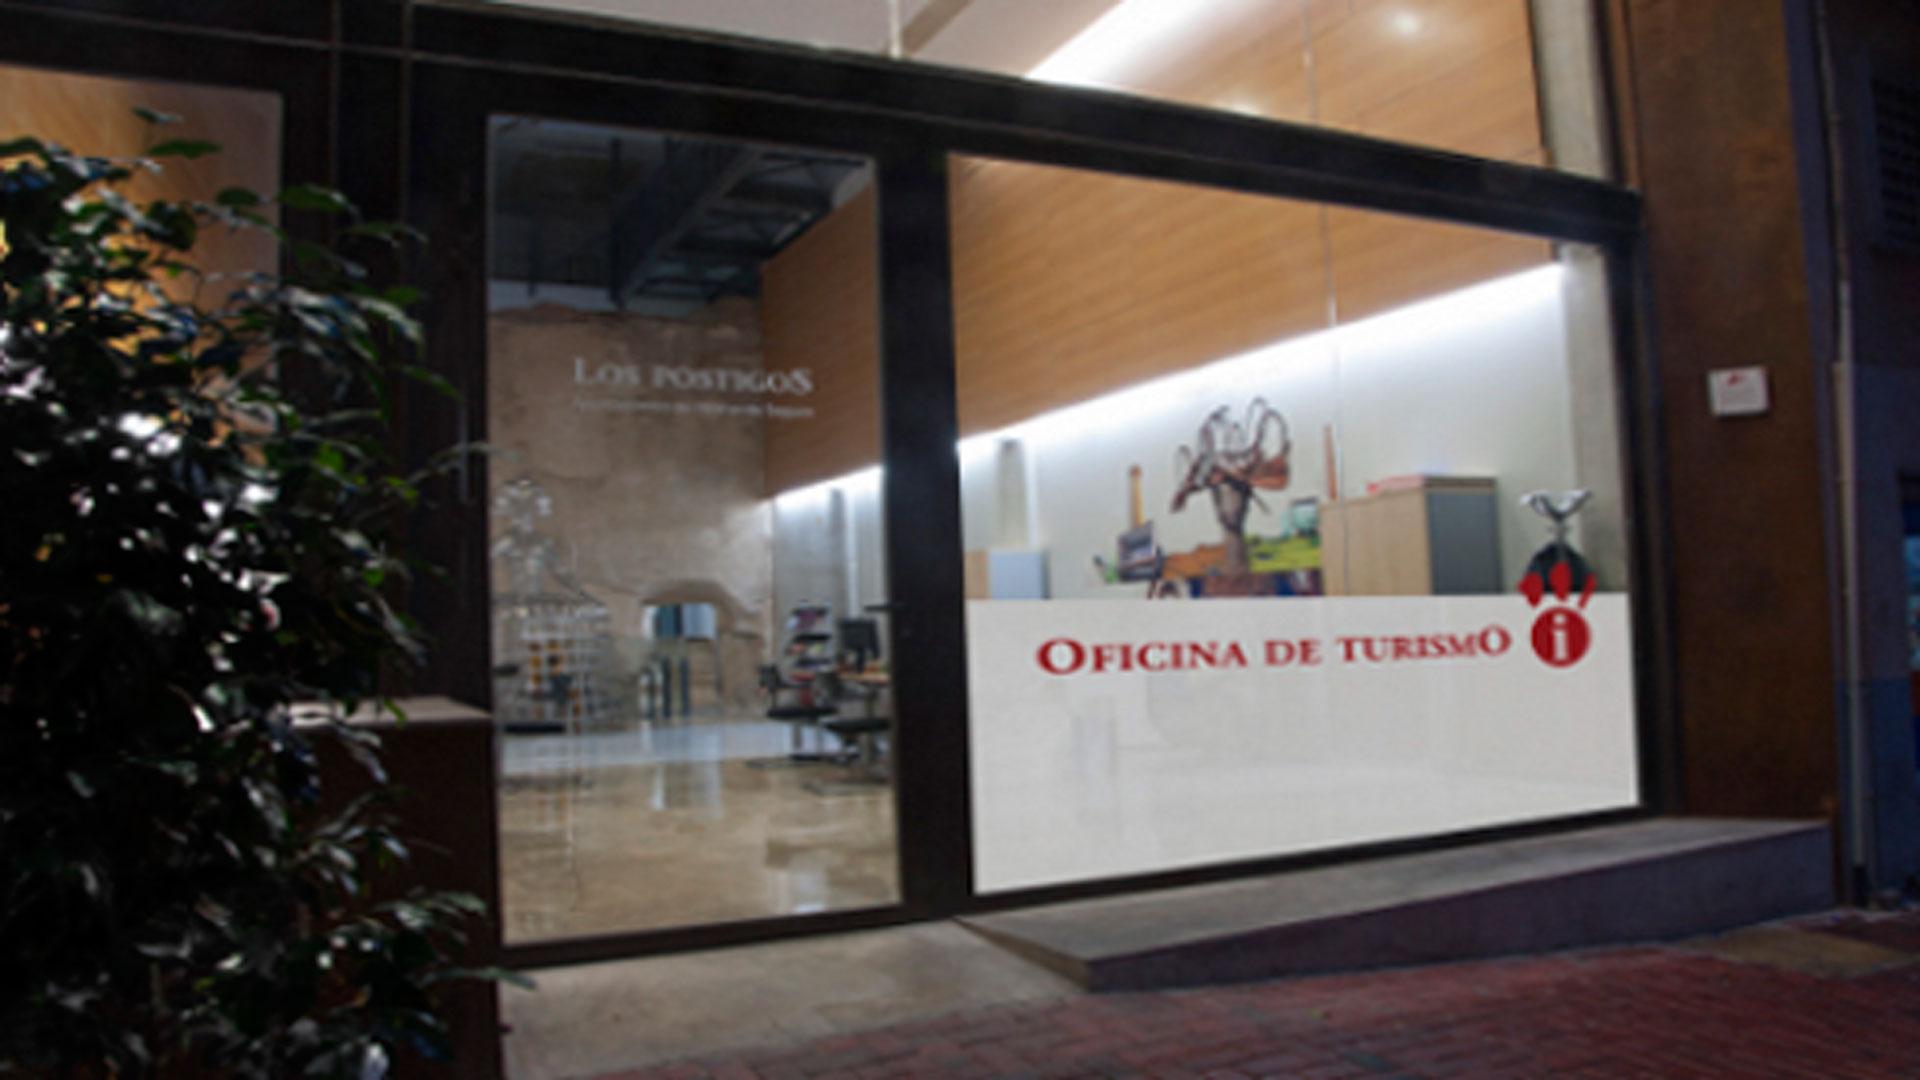 La oficina de turismo de molina de segura cinco soles rural - Oficina de turismo ...